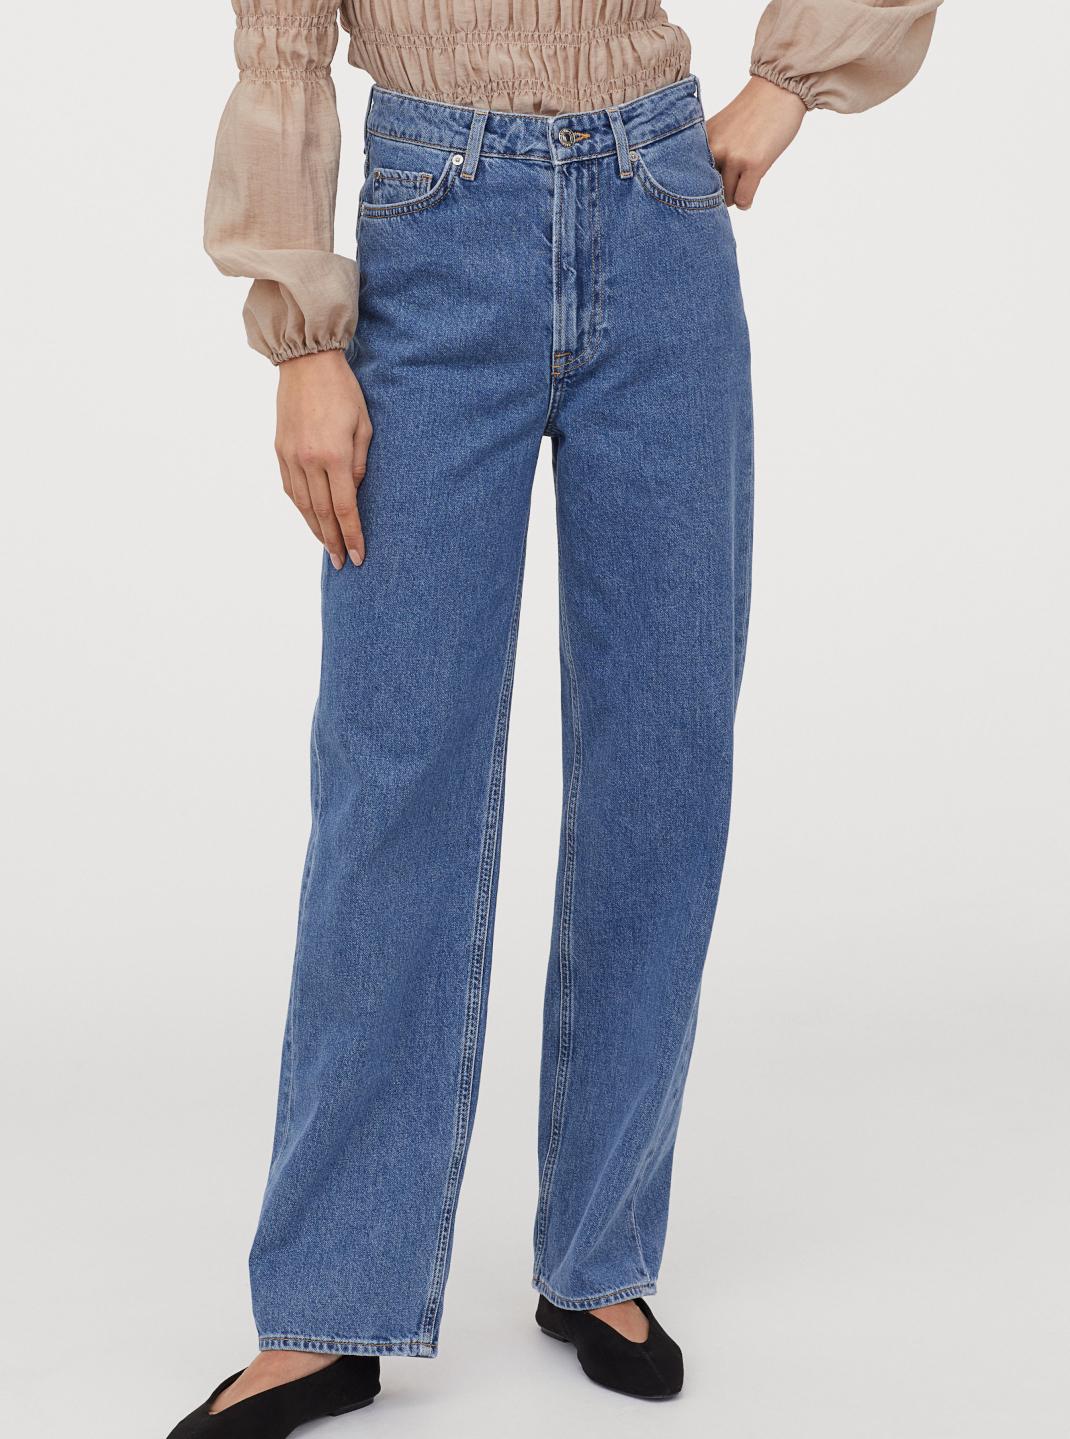 μοντέλο με τζιν παντελόνι H&M